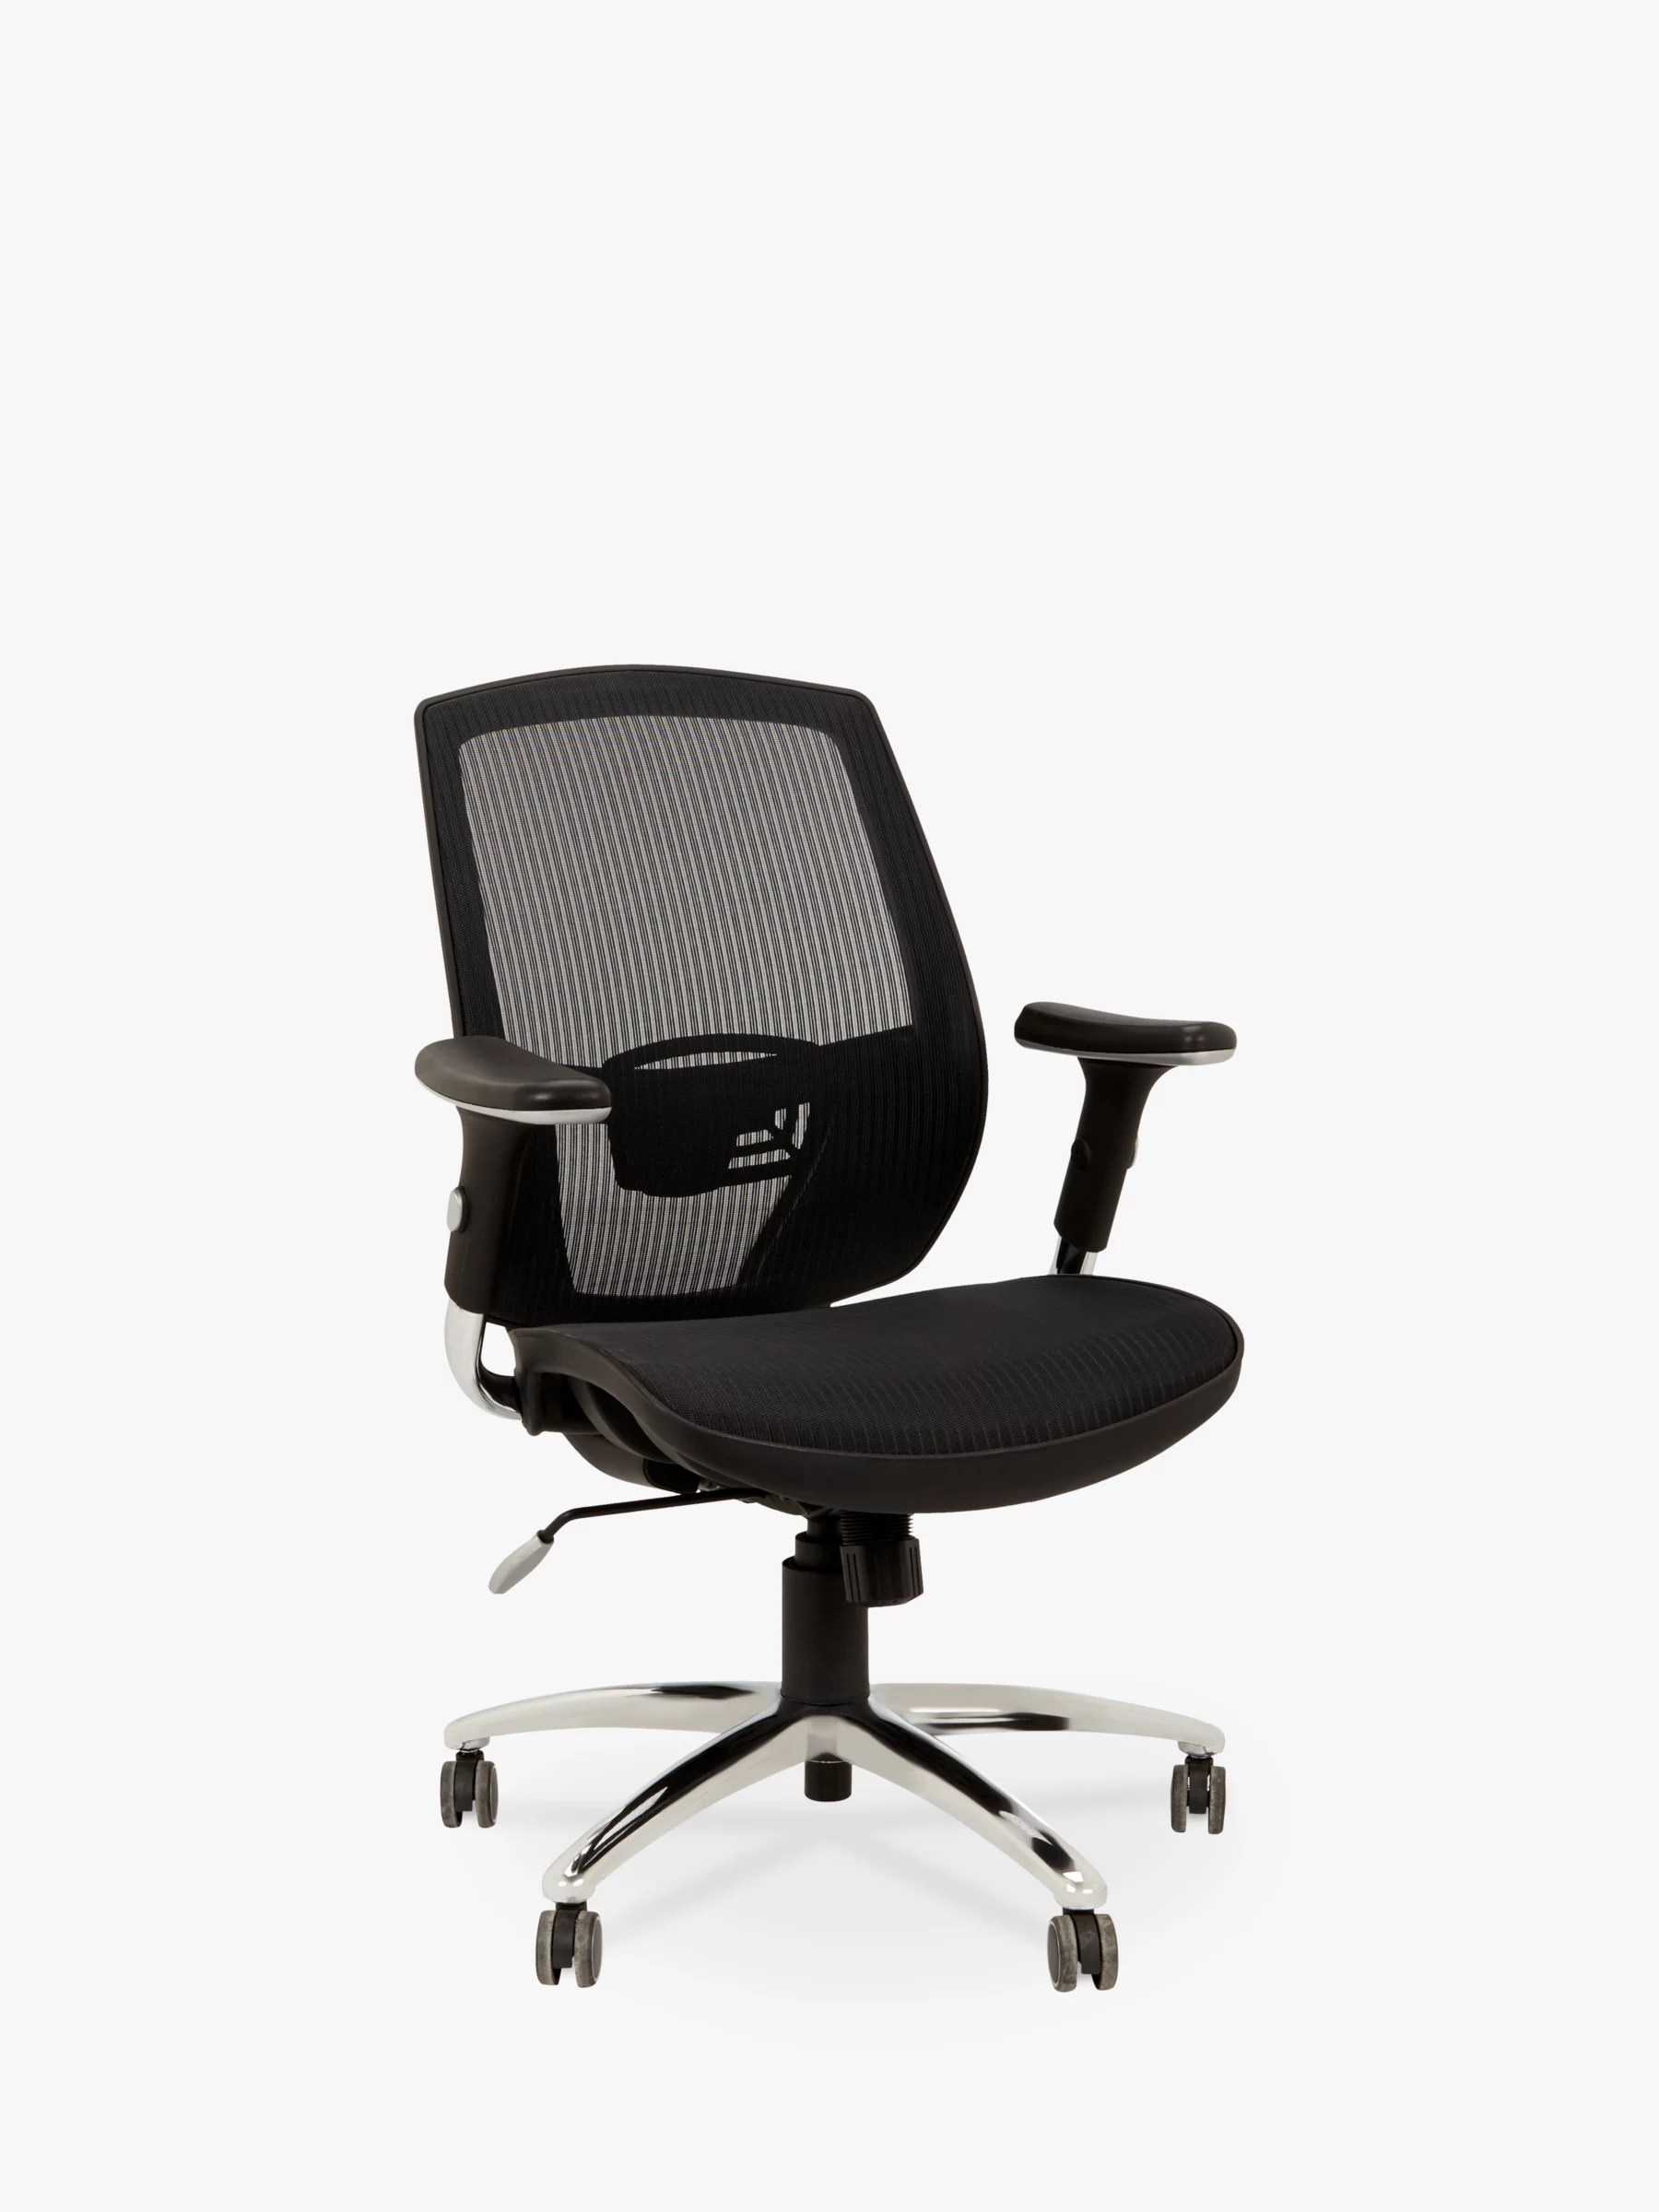 John Lewis Murray Ergonomic Office Chair Black at John Lewis